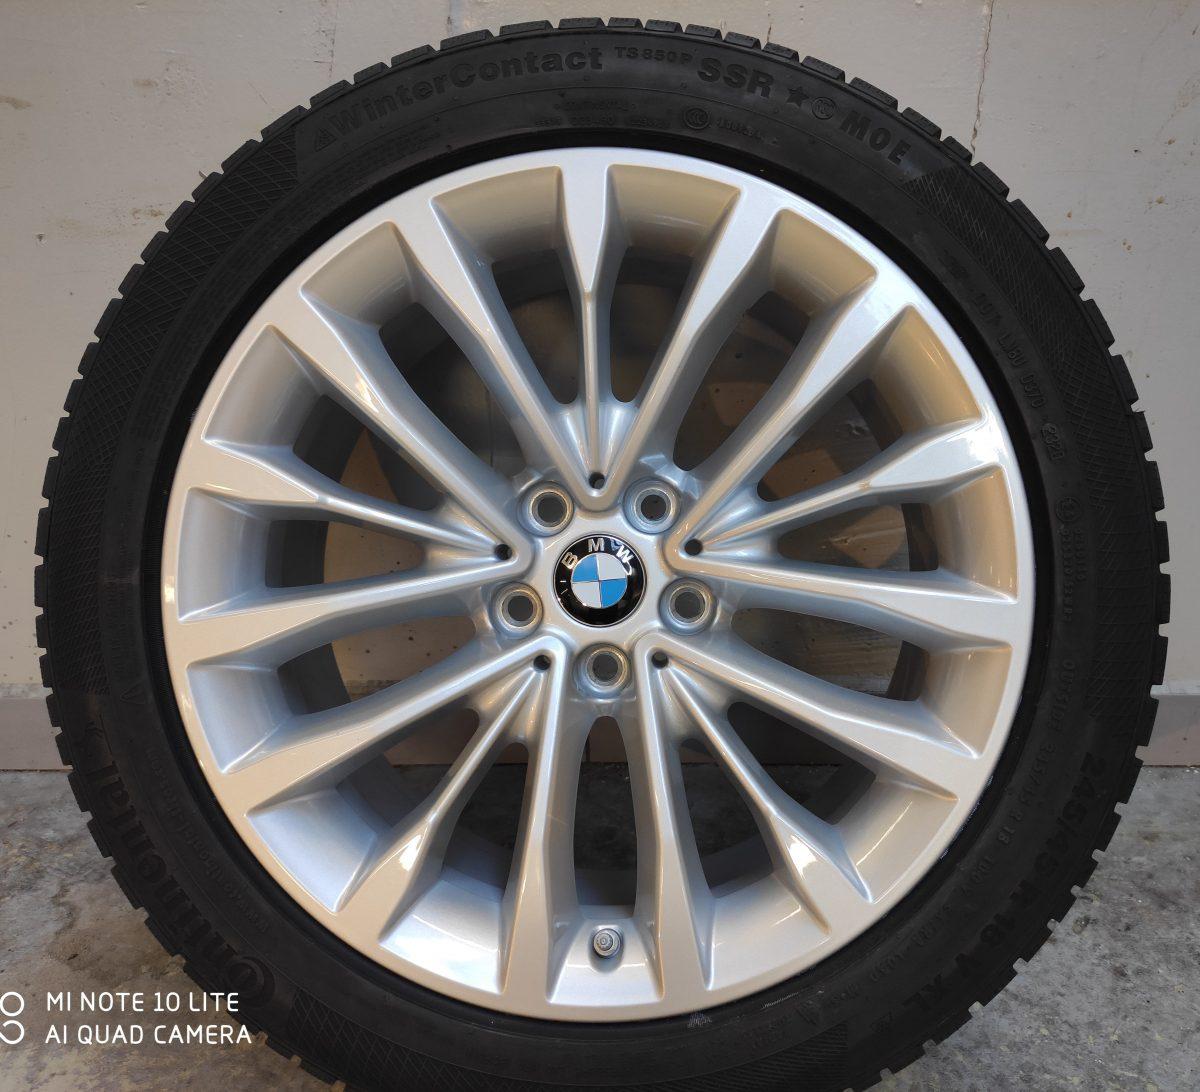 Gyári alufelni BMW G30 (632styl) 8X18 ET30 alufelni Continental defekttűrő téli gumikkal és jeladóval. 1